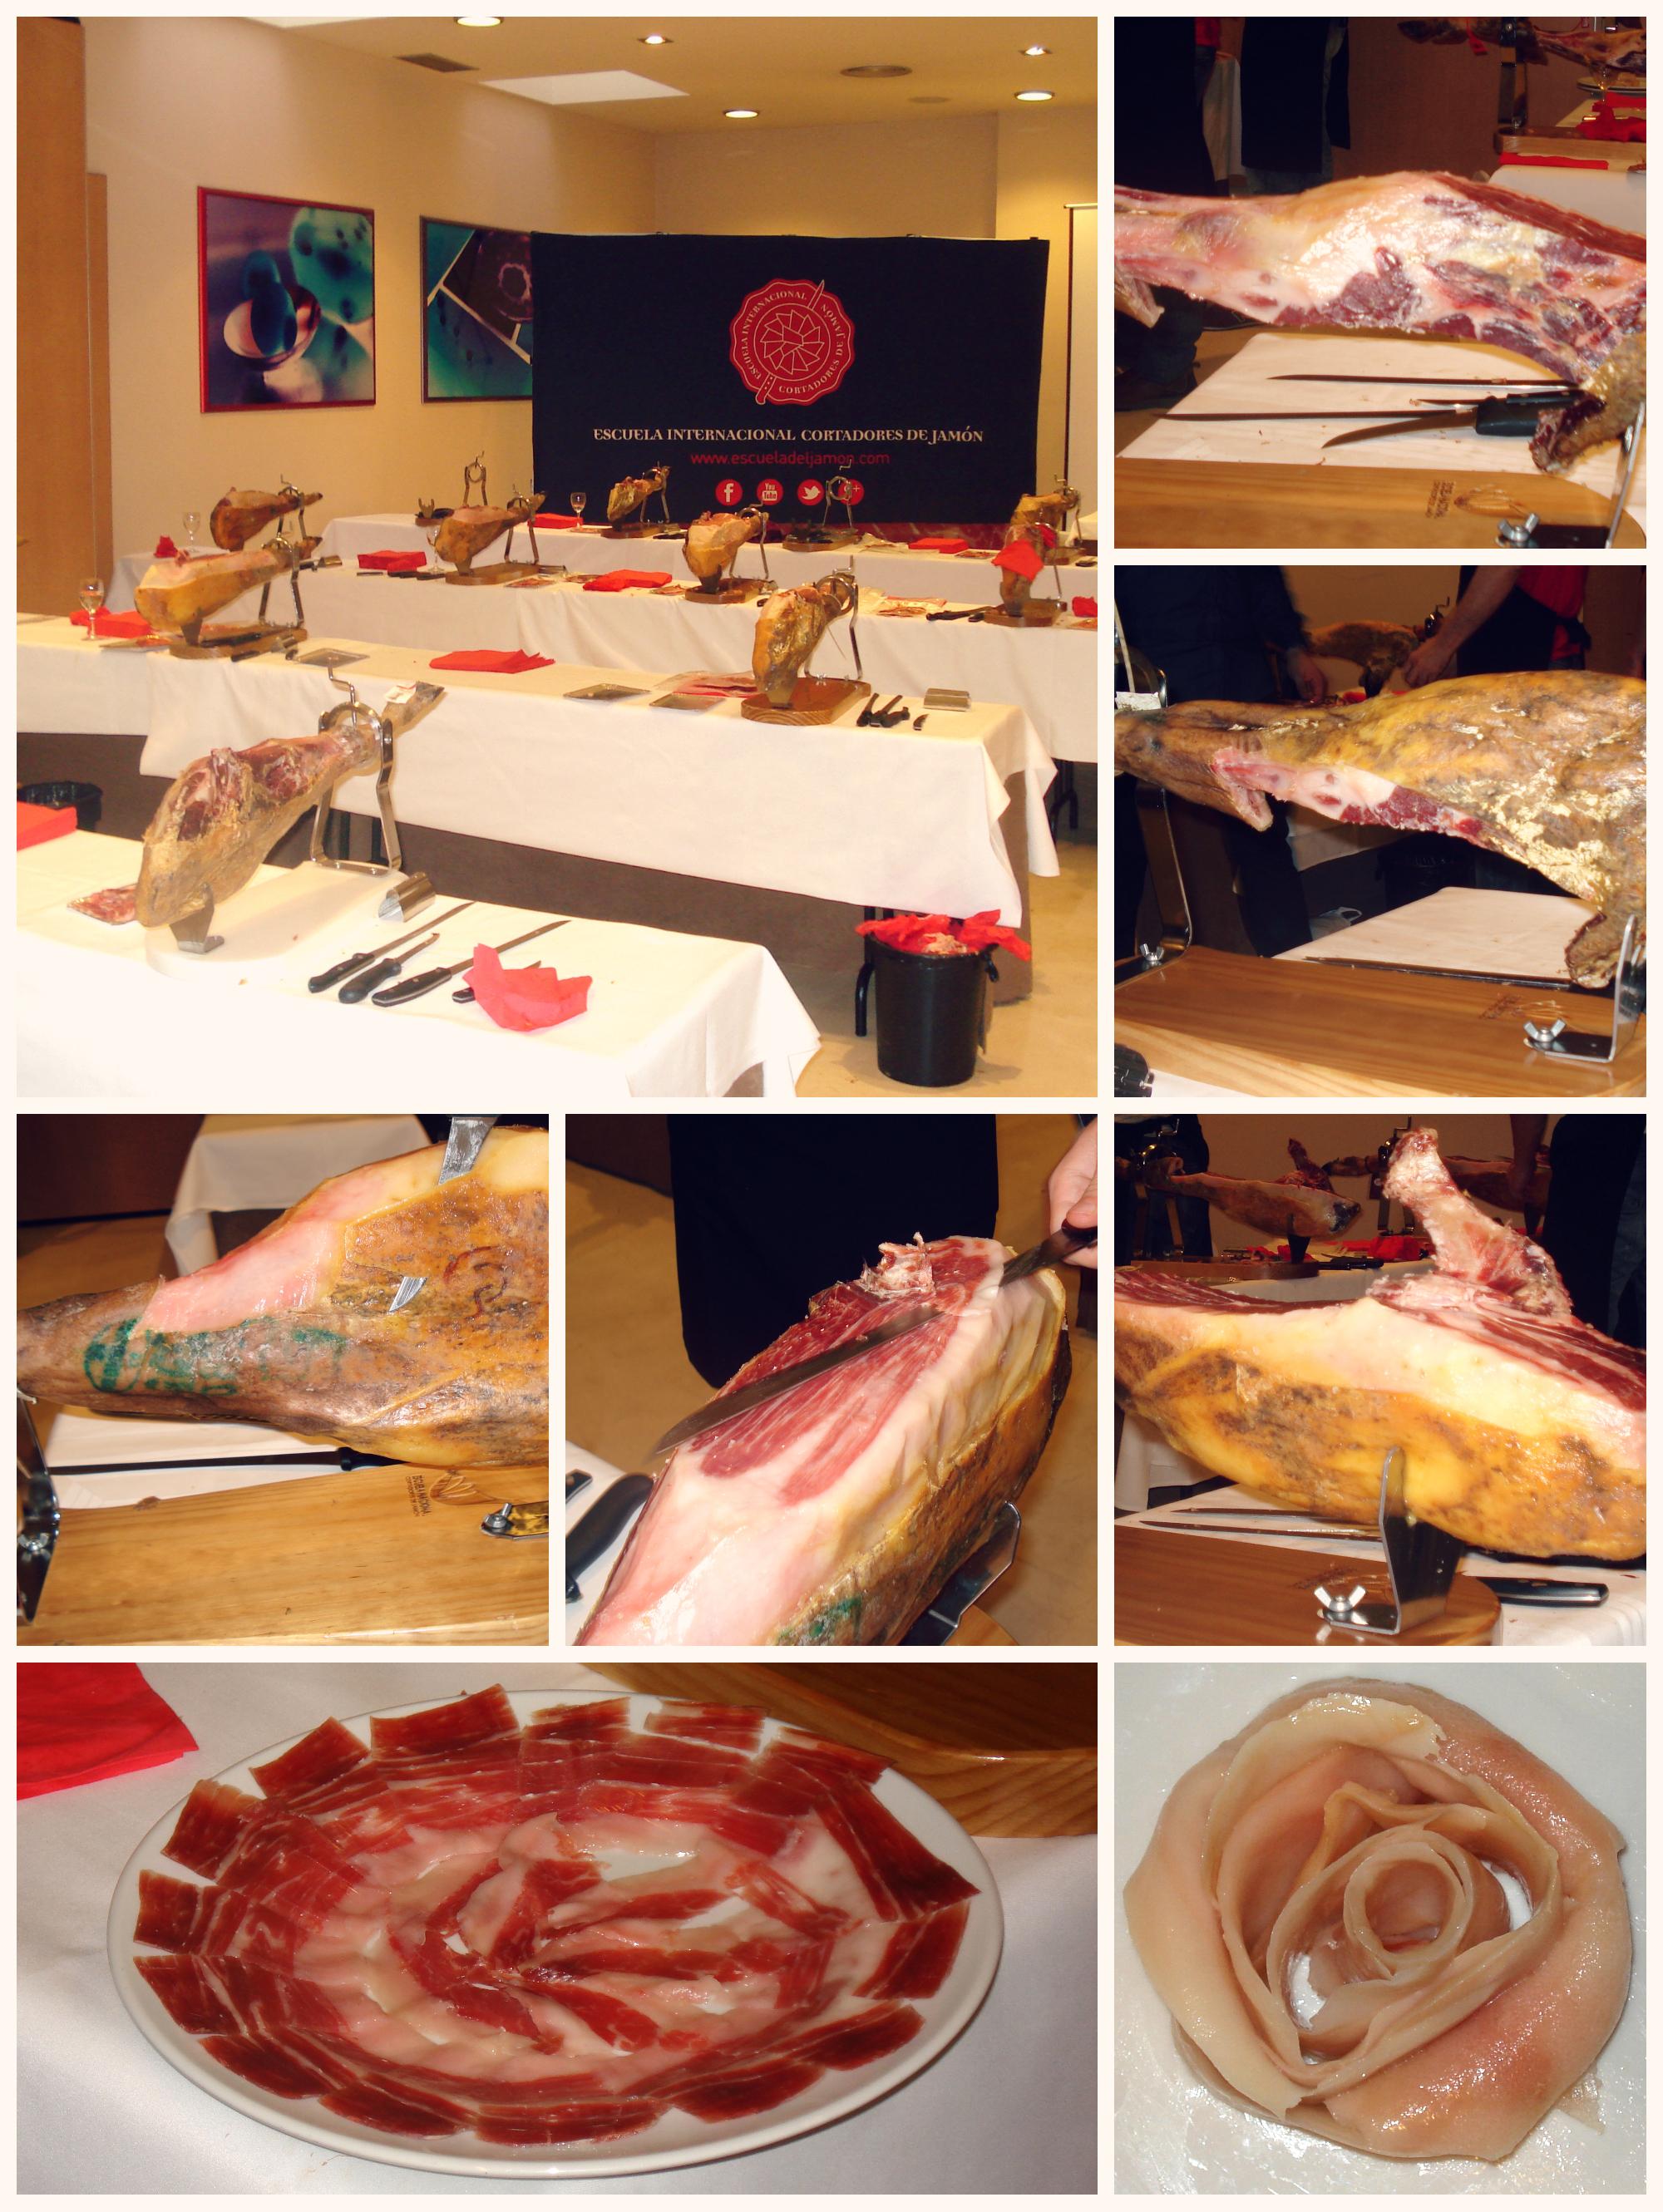 Corte profesional de un jamón ibérico y presentación en el plato